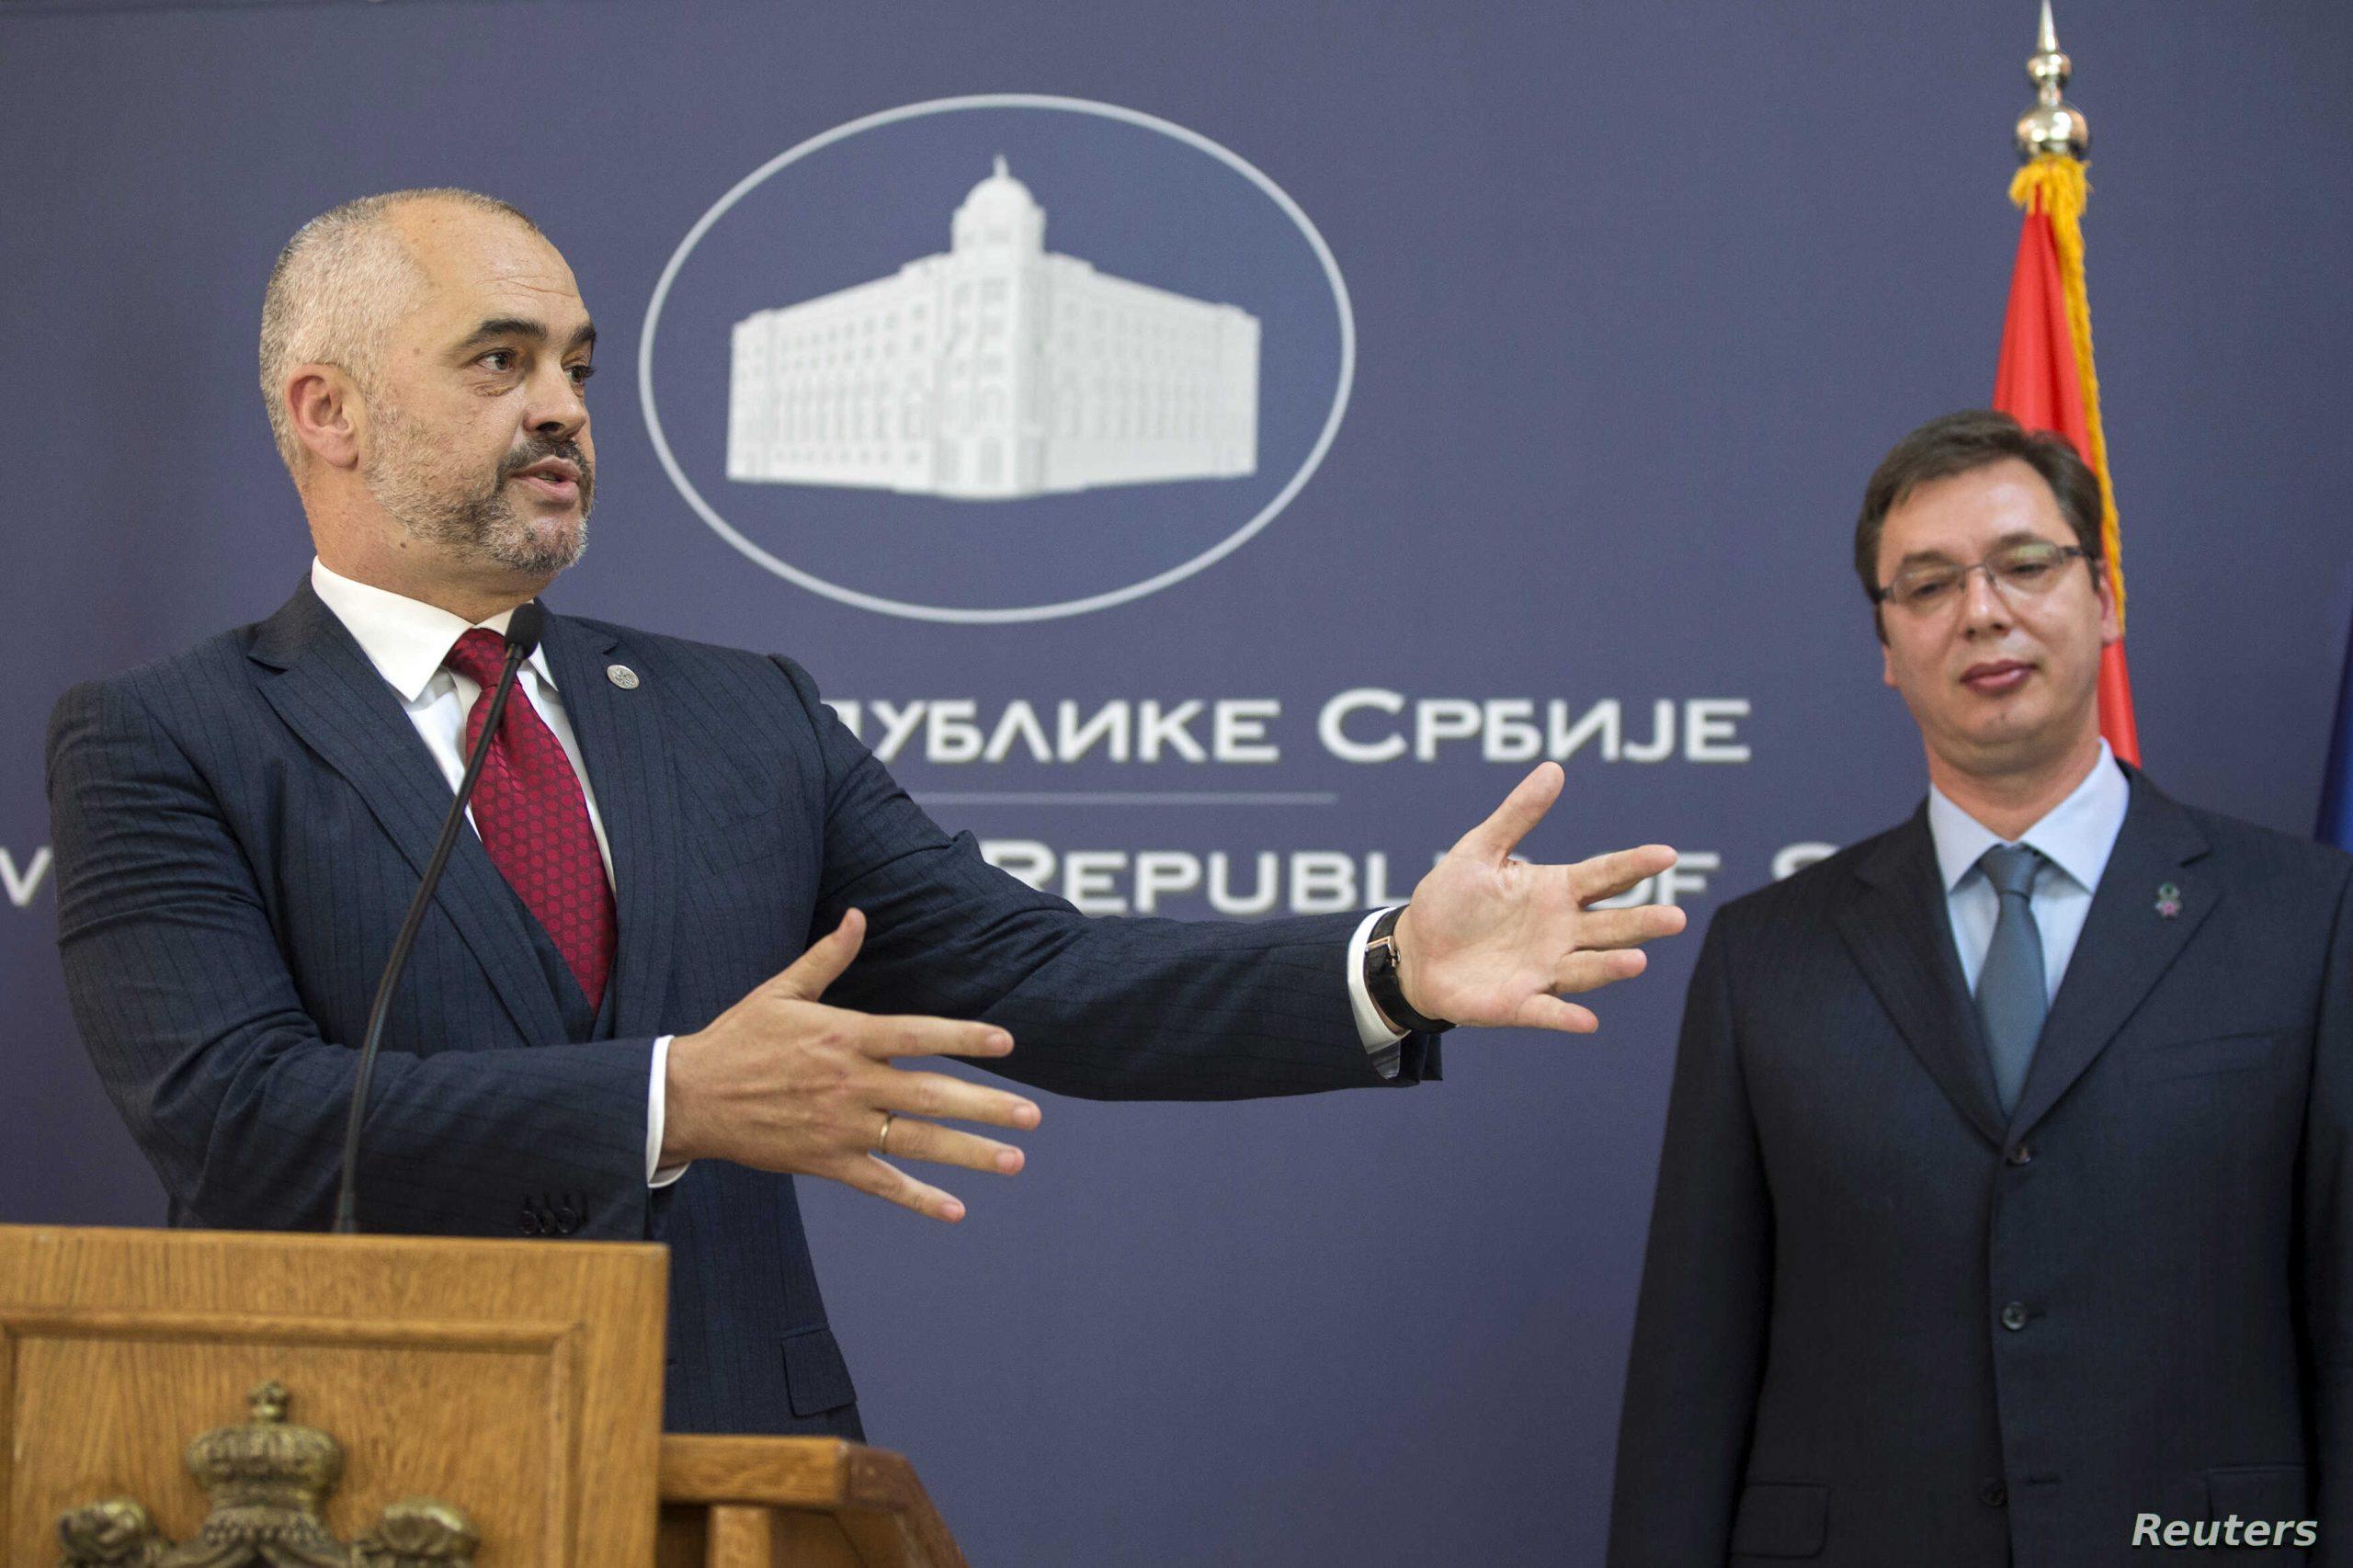 Beograd 2014/Dje Rama kërkonte njohjen e Kosovës nga Serbia, sot rri krah për krah me Vuçiçin